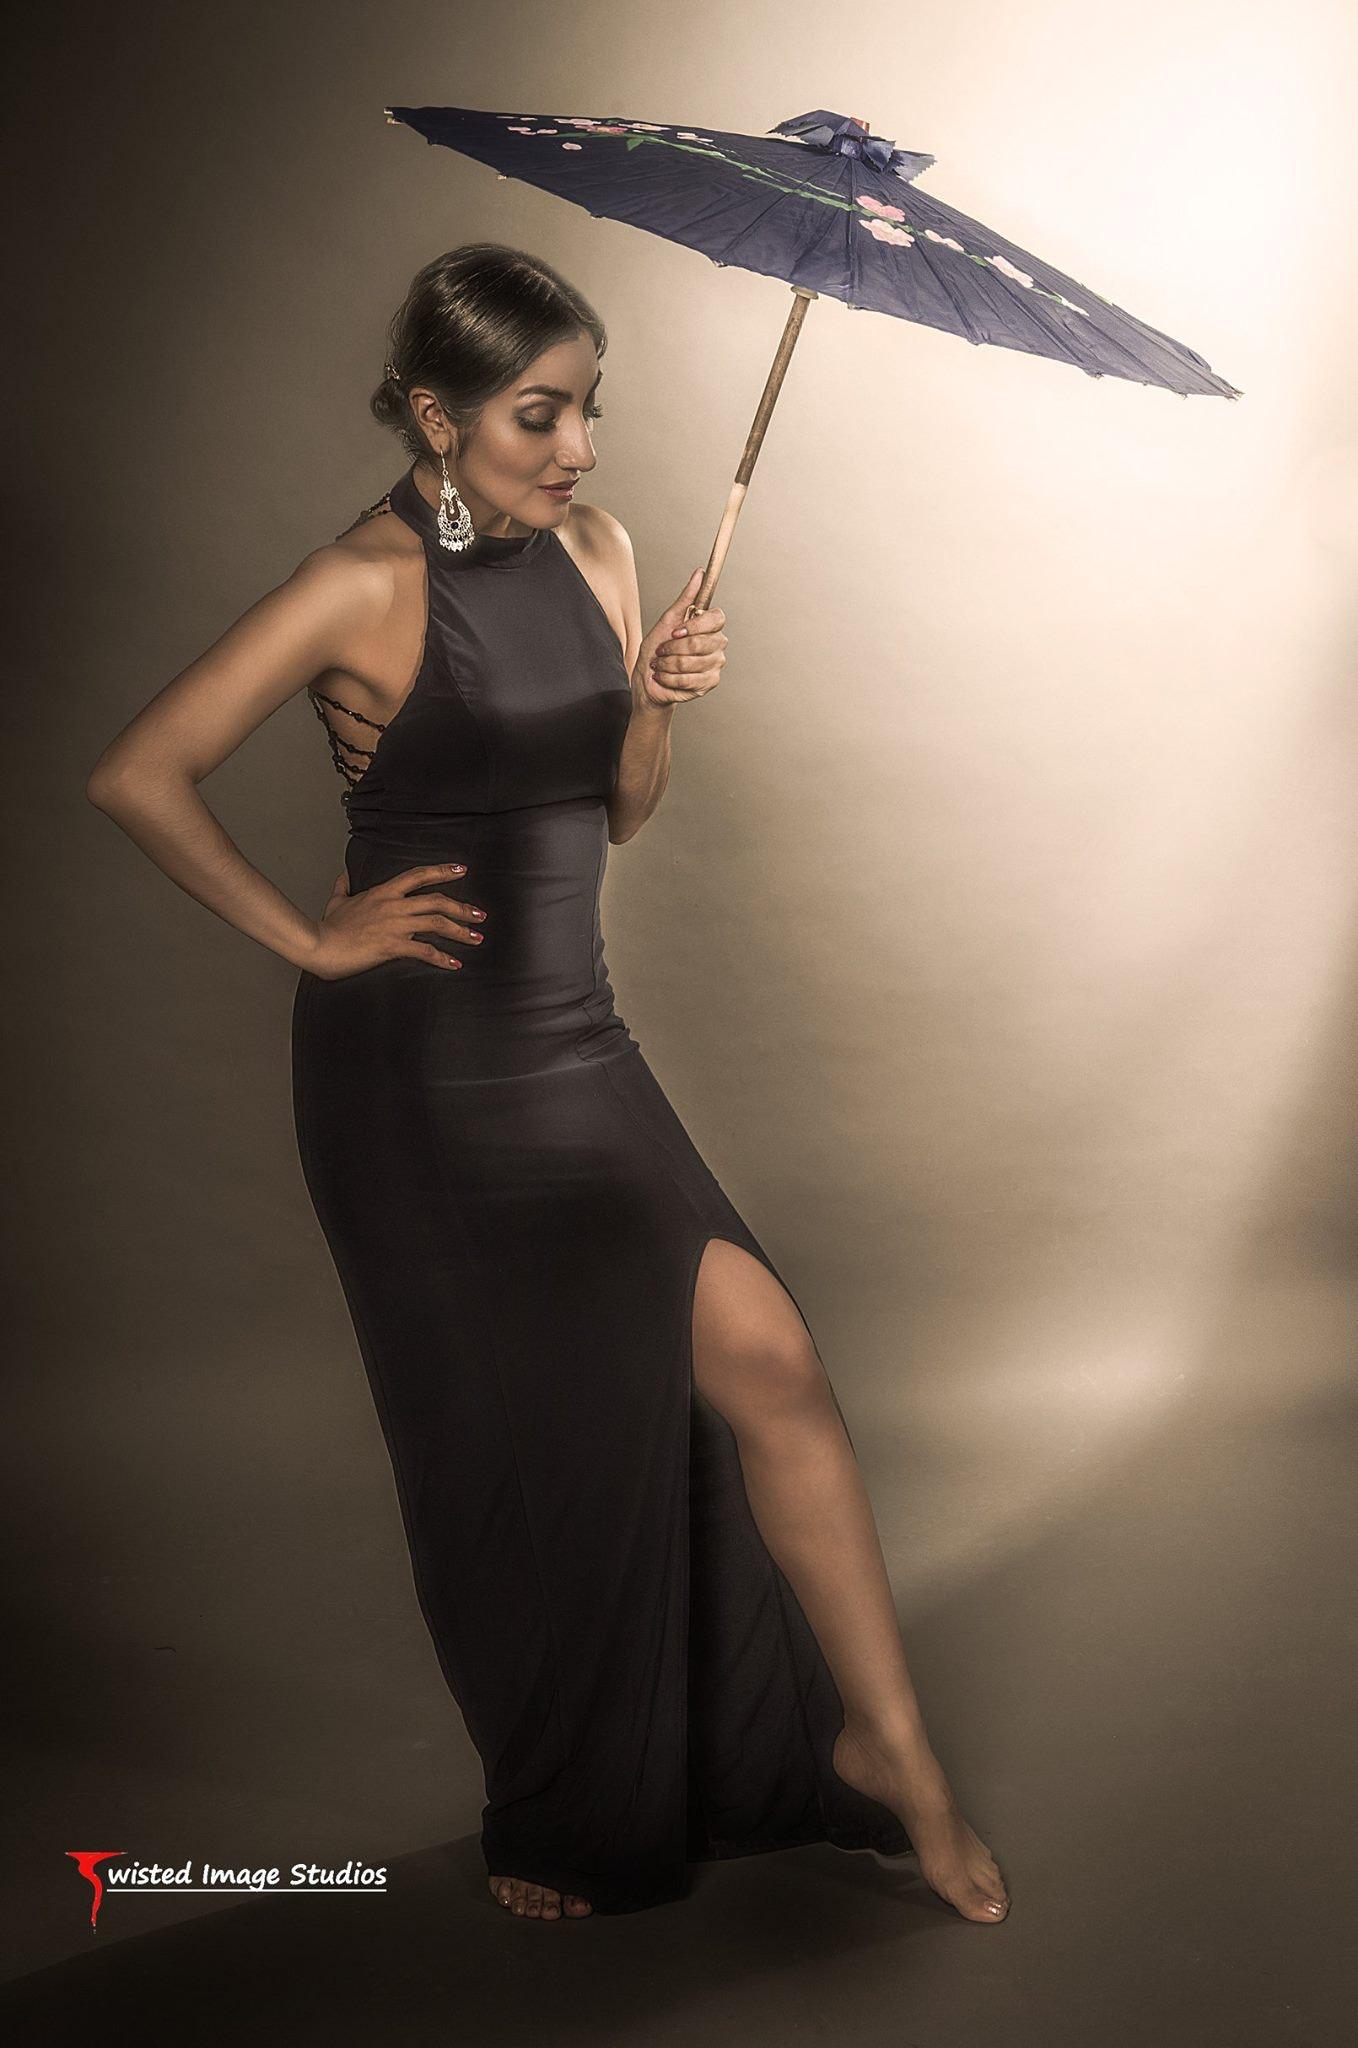 Nadia's Model portfolio